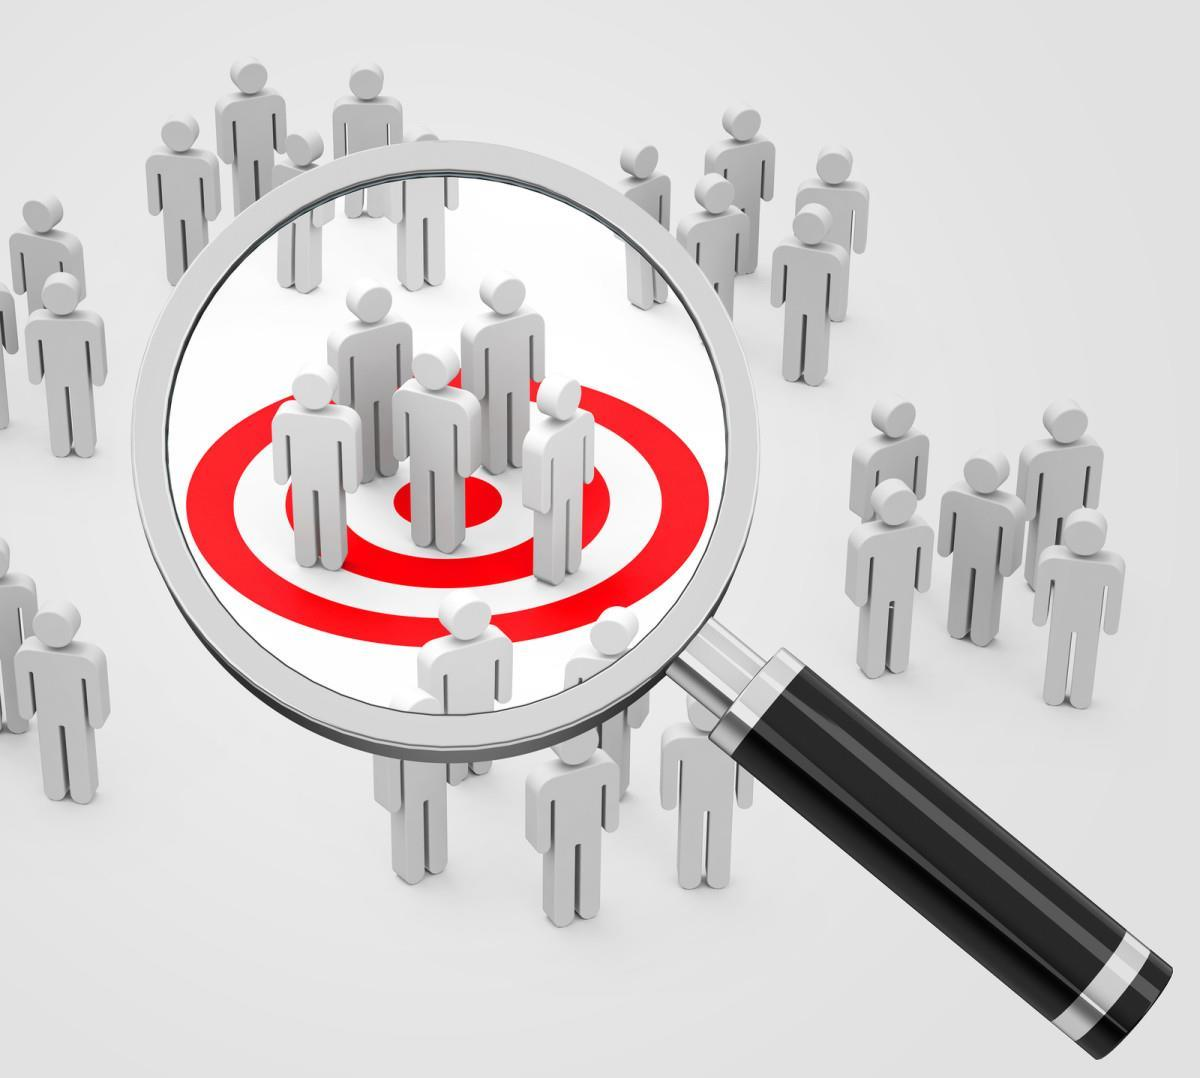 Evento gratuito sobre pesquisa de marketing é promovido pela IENH